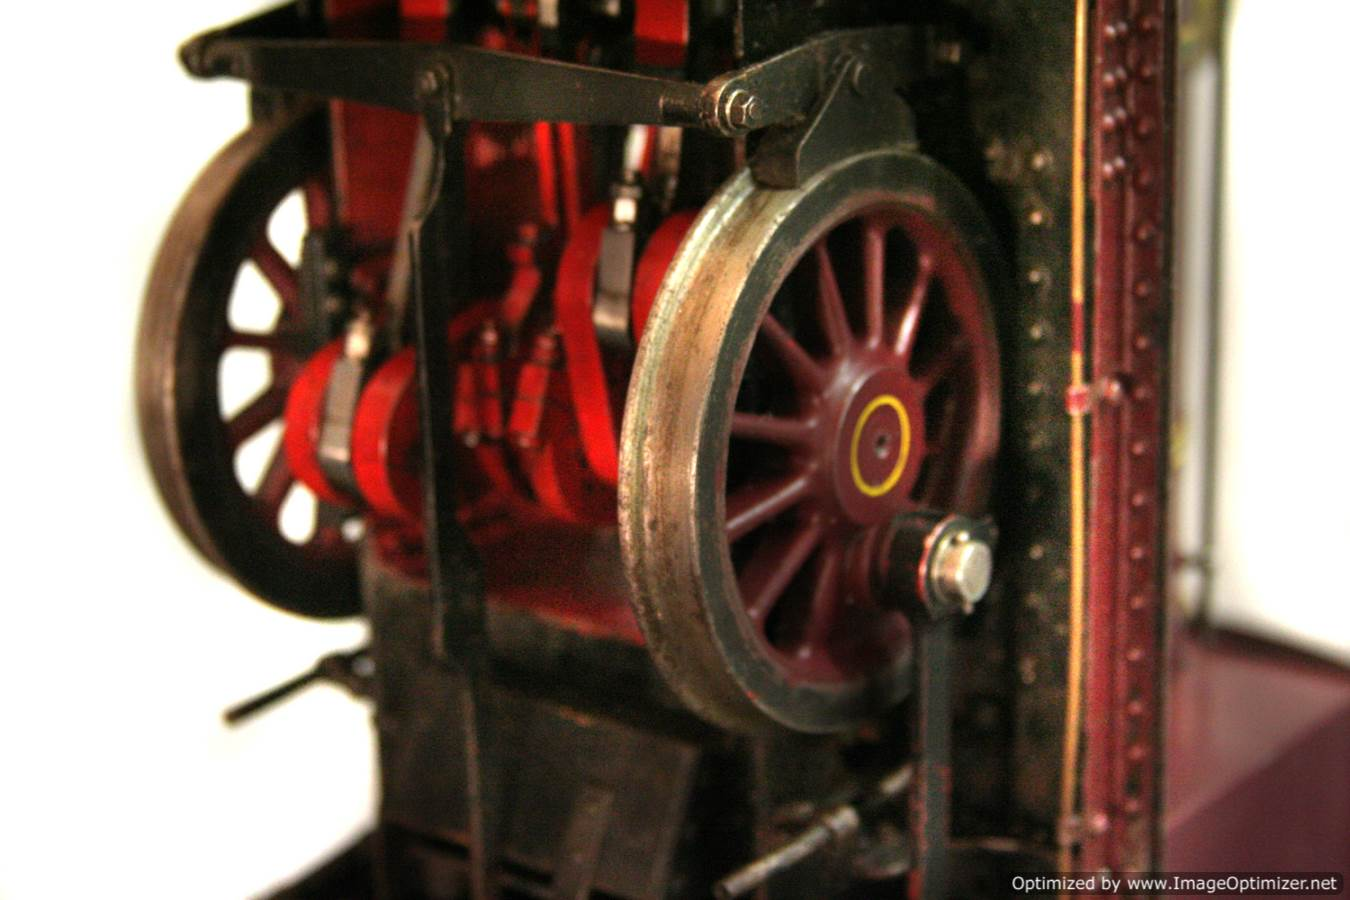 test Gem locomotive for sale 23 Optimized